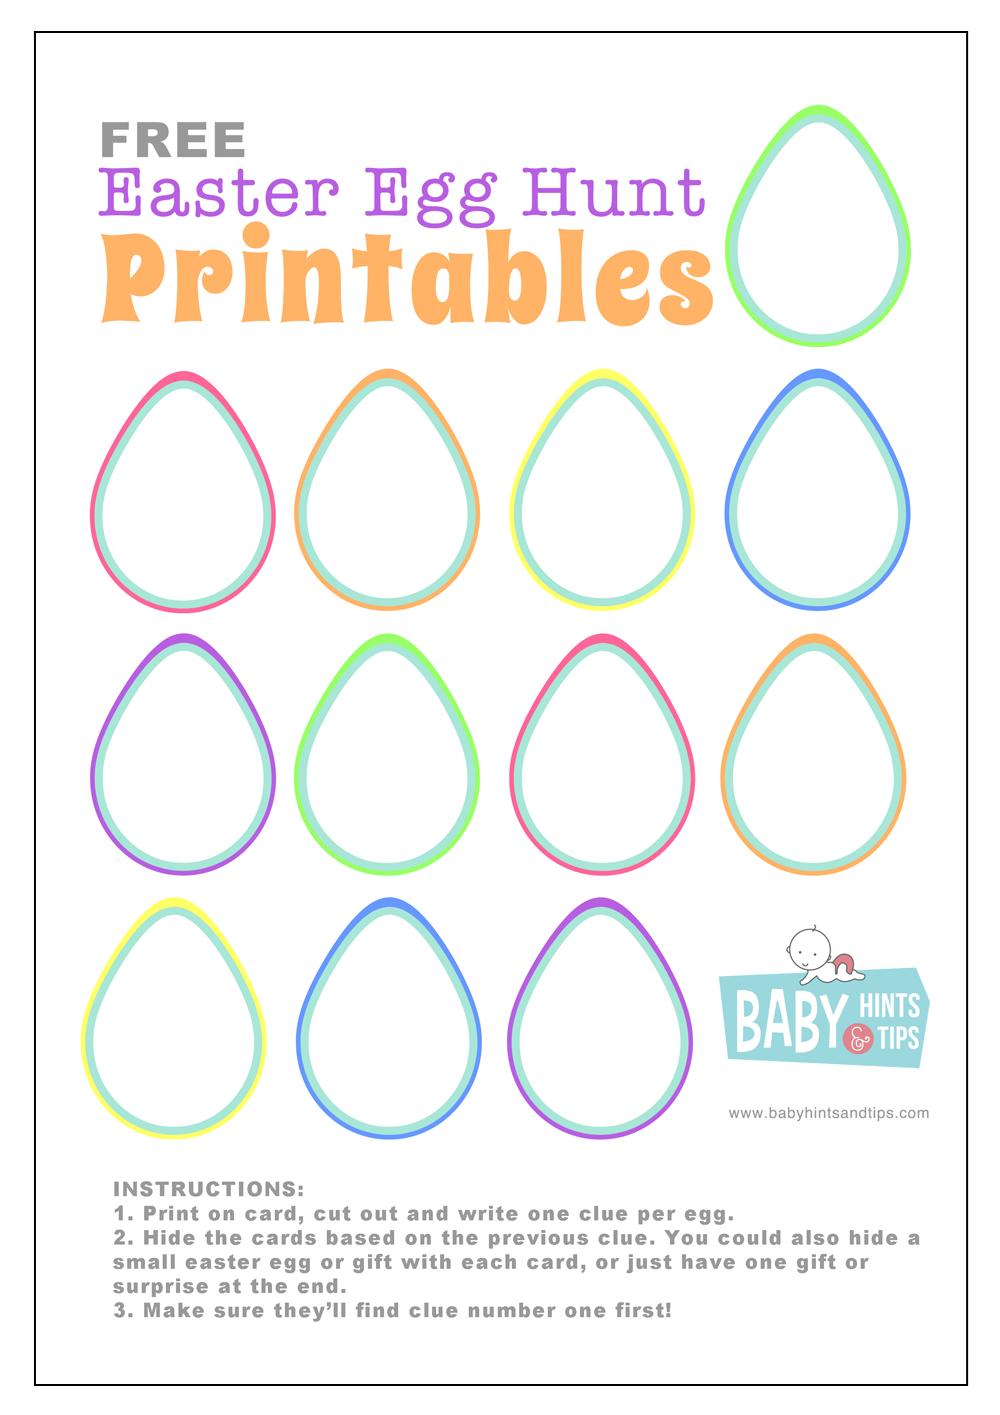 Food Ideas For Easter Egg Hunt